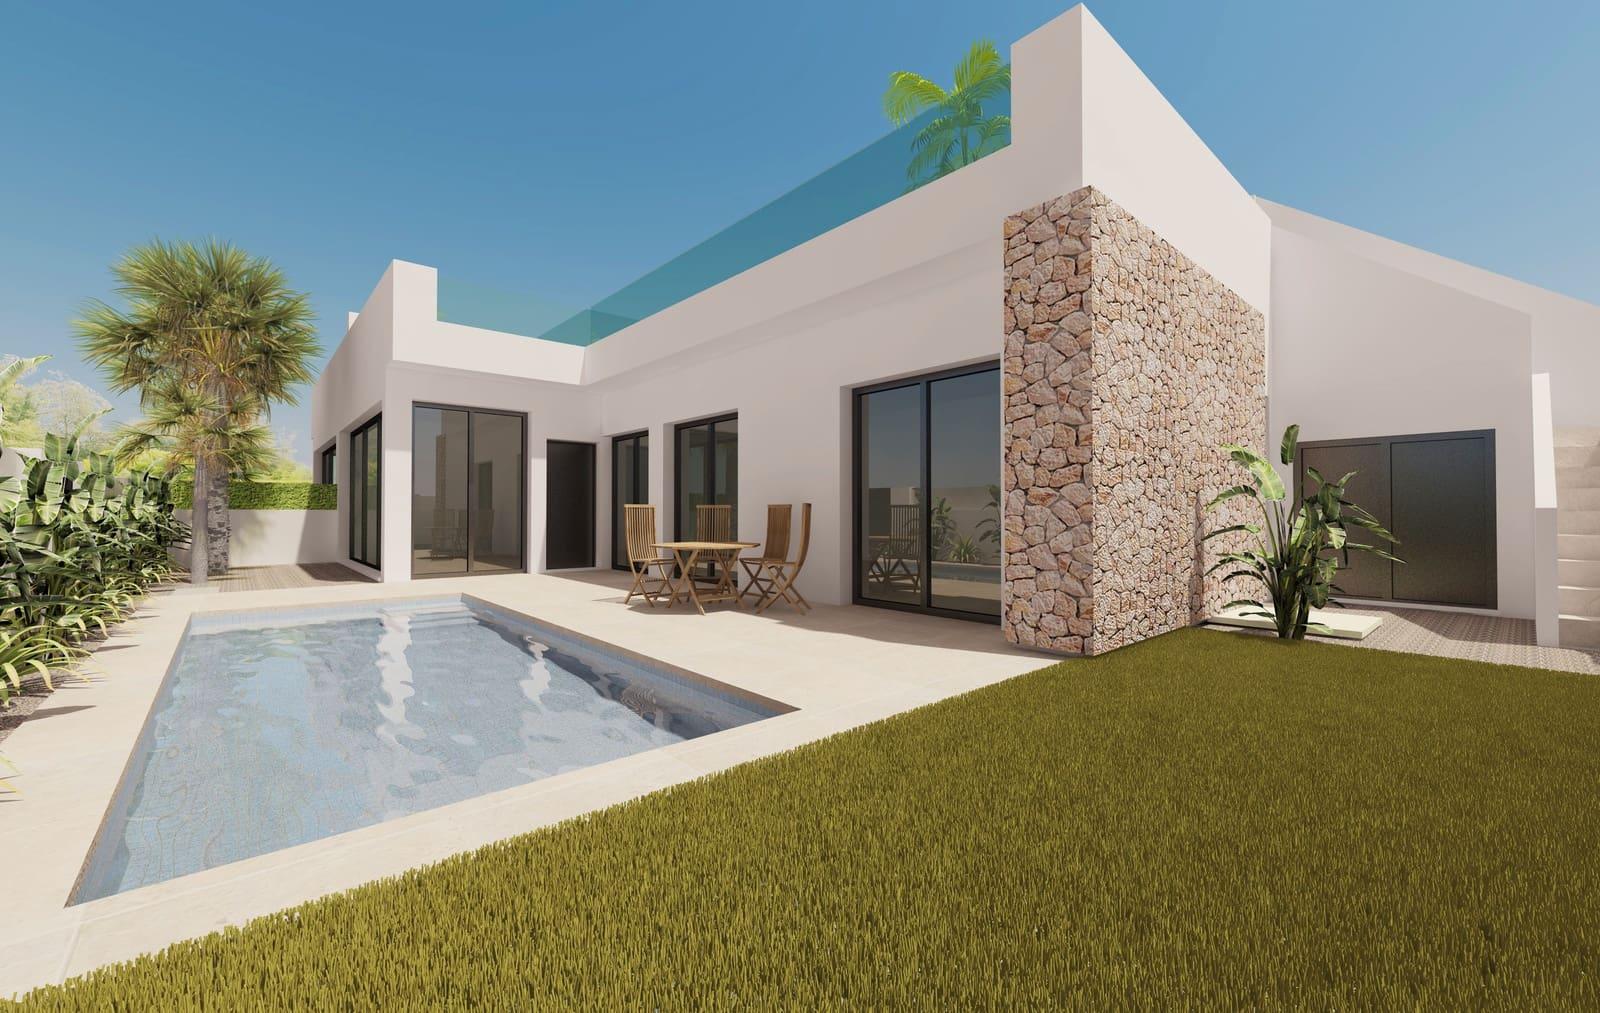 Chalet de 3 habitaciones en Pilar de la Horadada en venta con piscina - 229.900 € (Ref: 4595923)